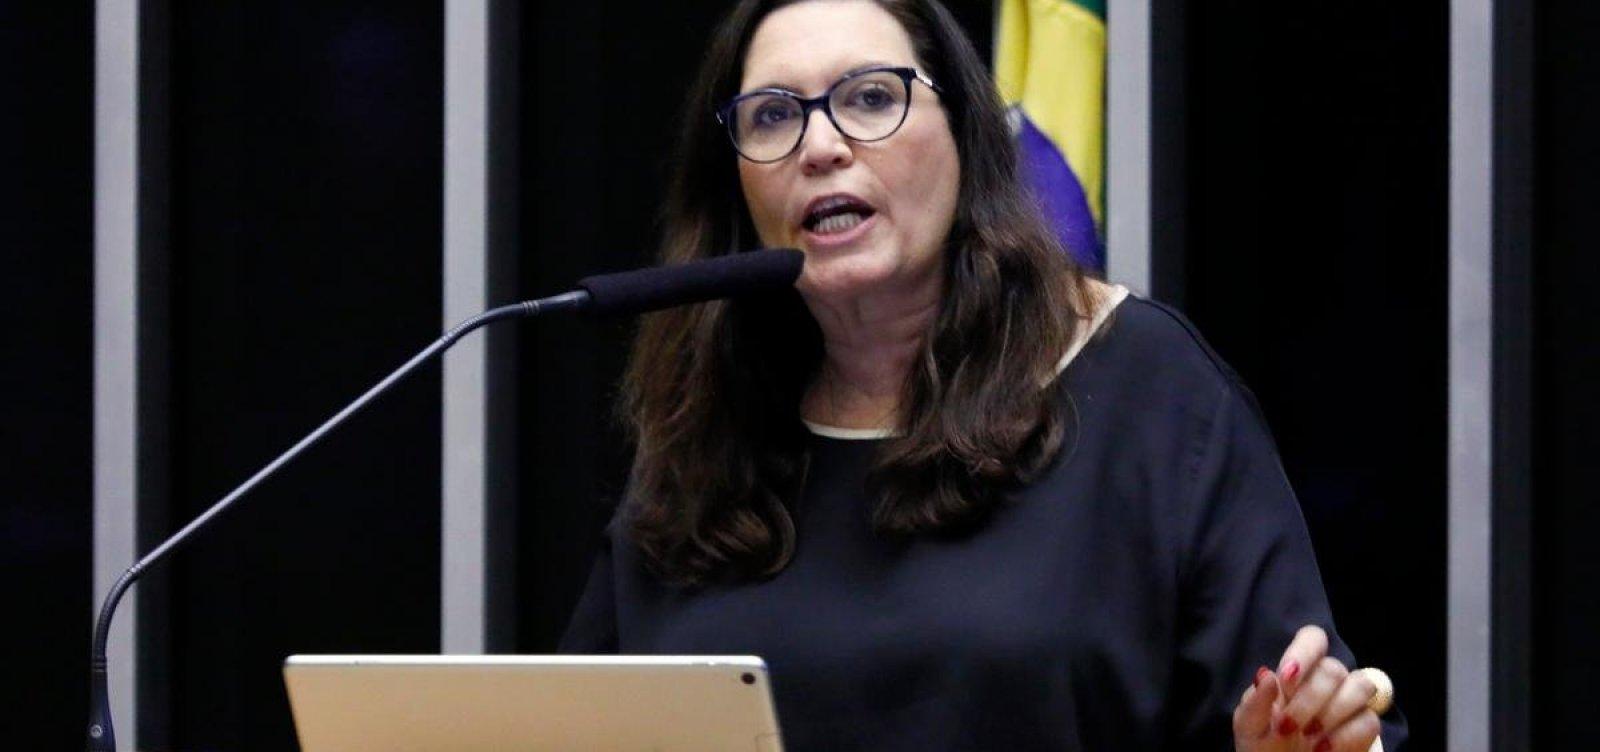 [PGR: deputados bolsonaristas usaram dinheiro público para divulgar atos anti-democráticos]